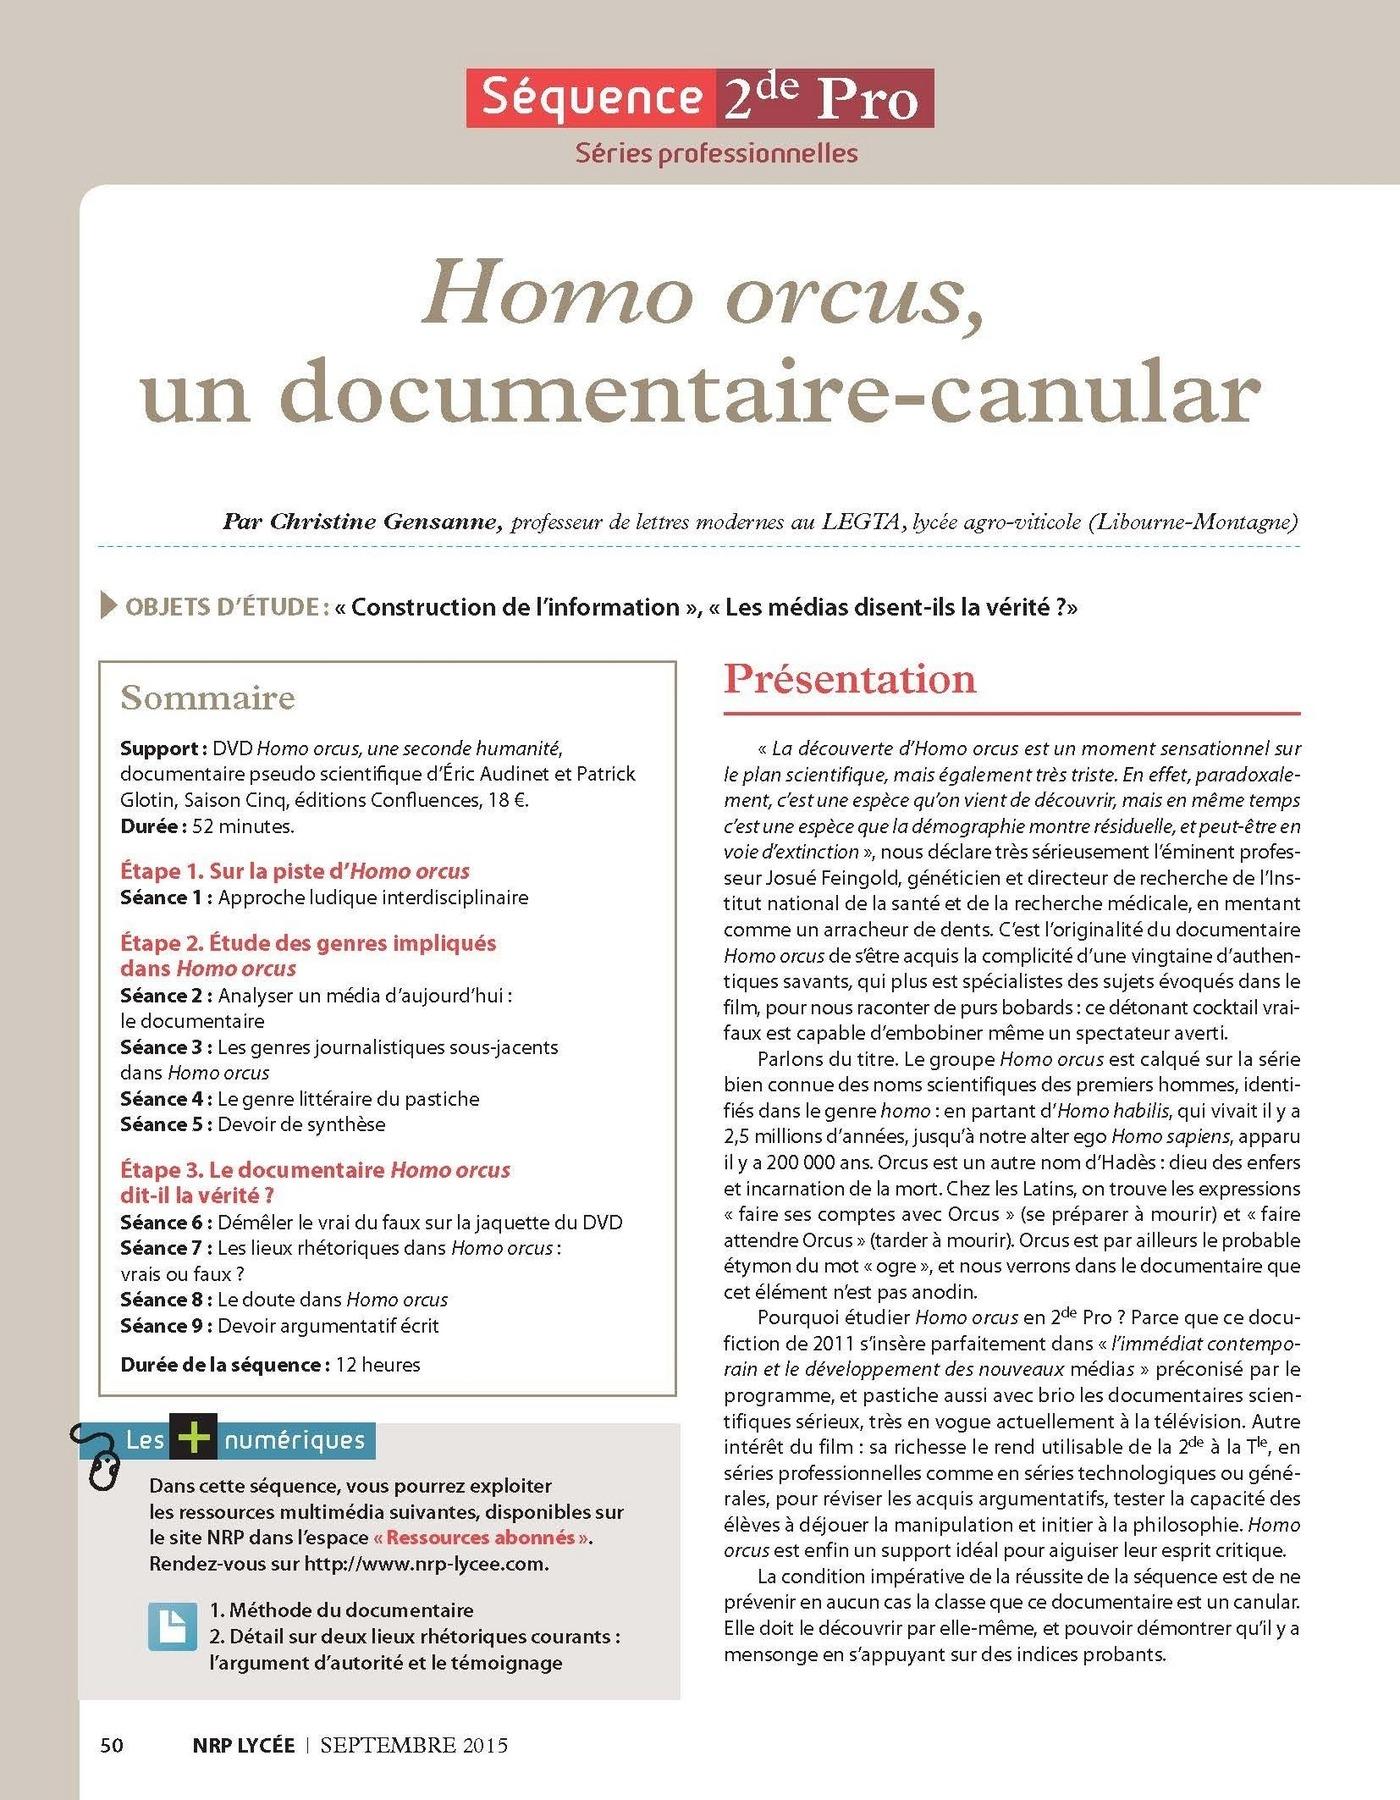 NRP Lycée - Séquence Bac Pro 2de - Homo orcus, un documentaire-canular